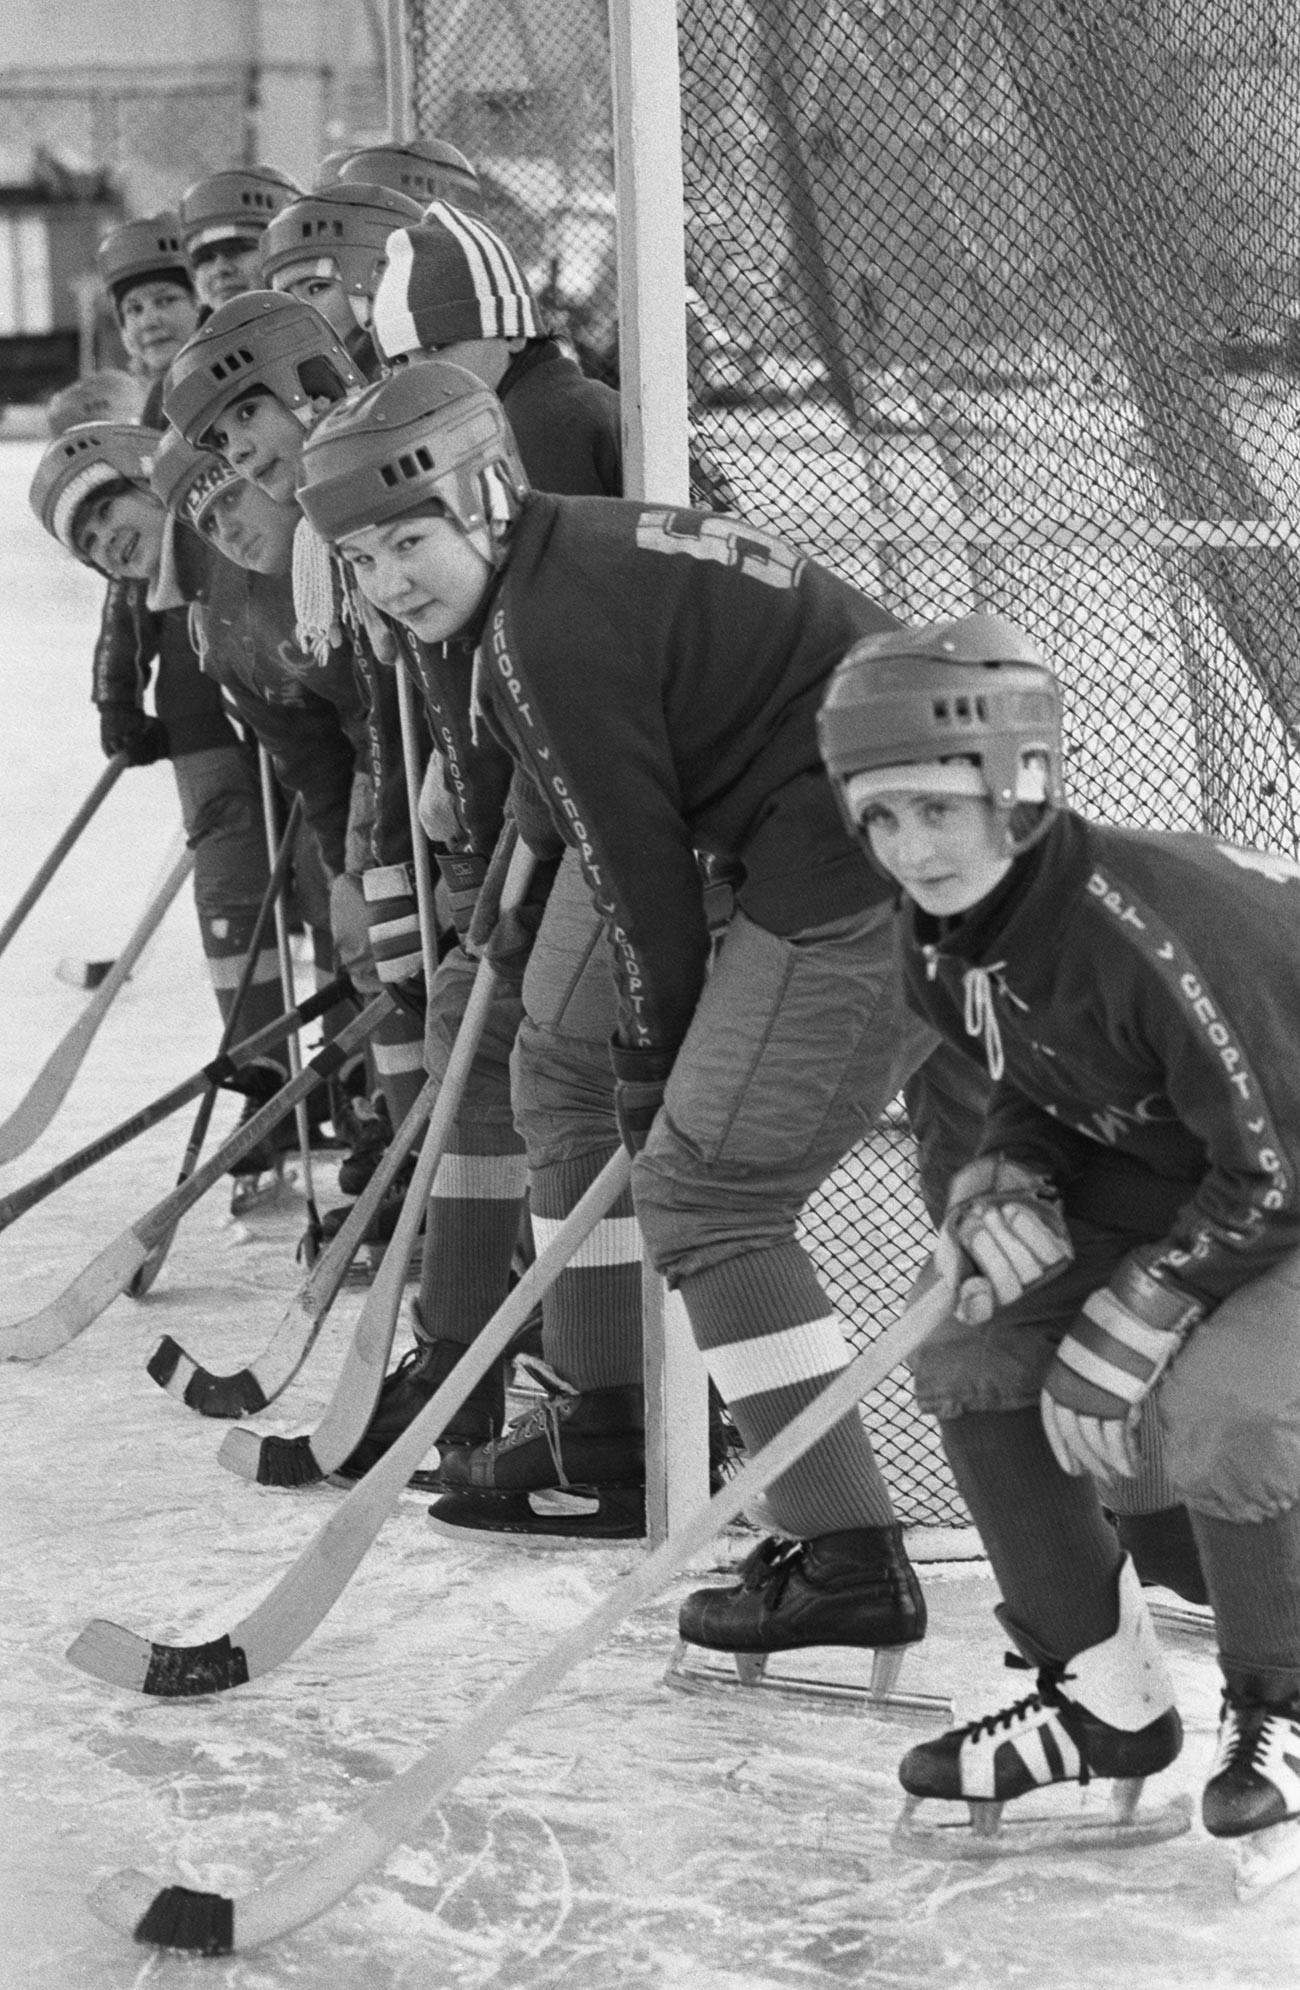 Учеснице омладинске хокејашке екипе.